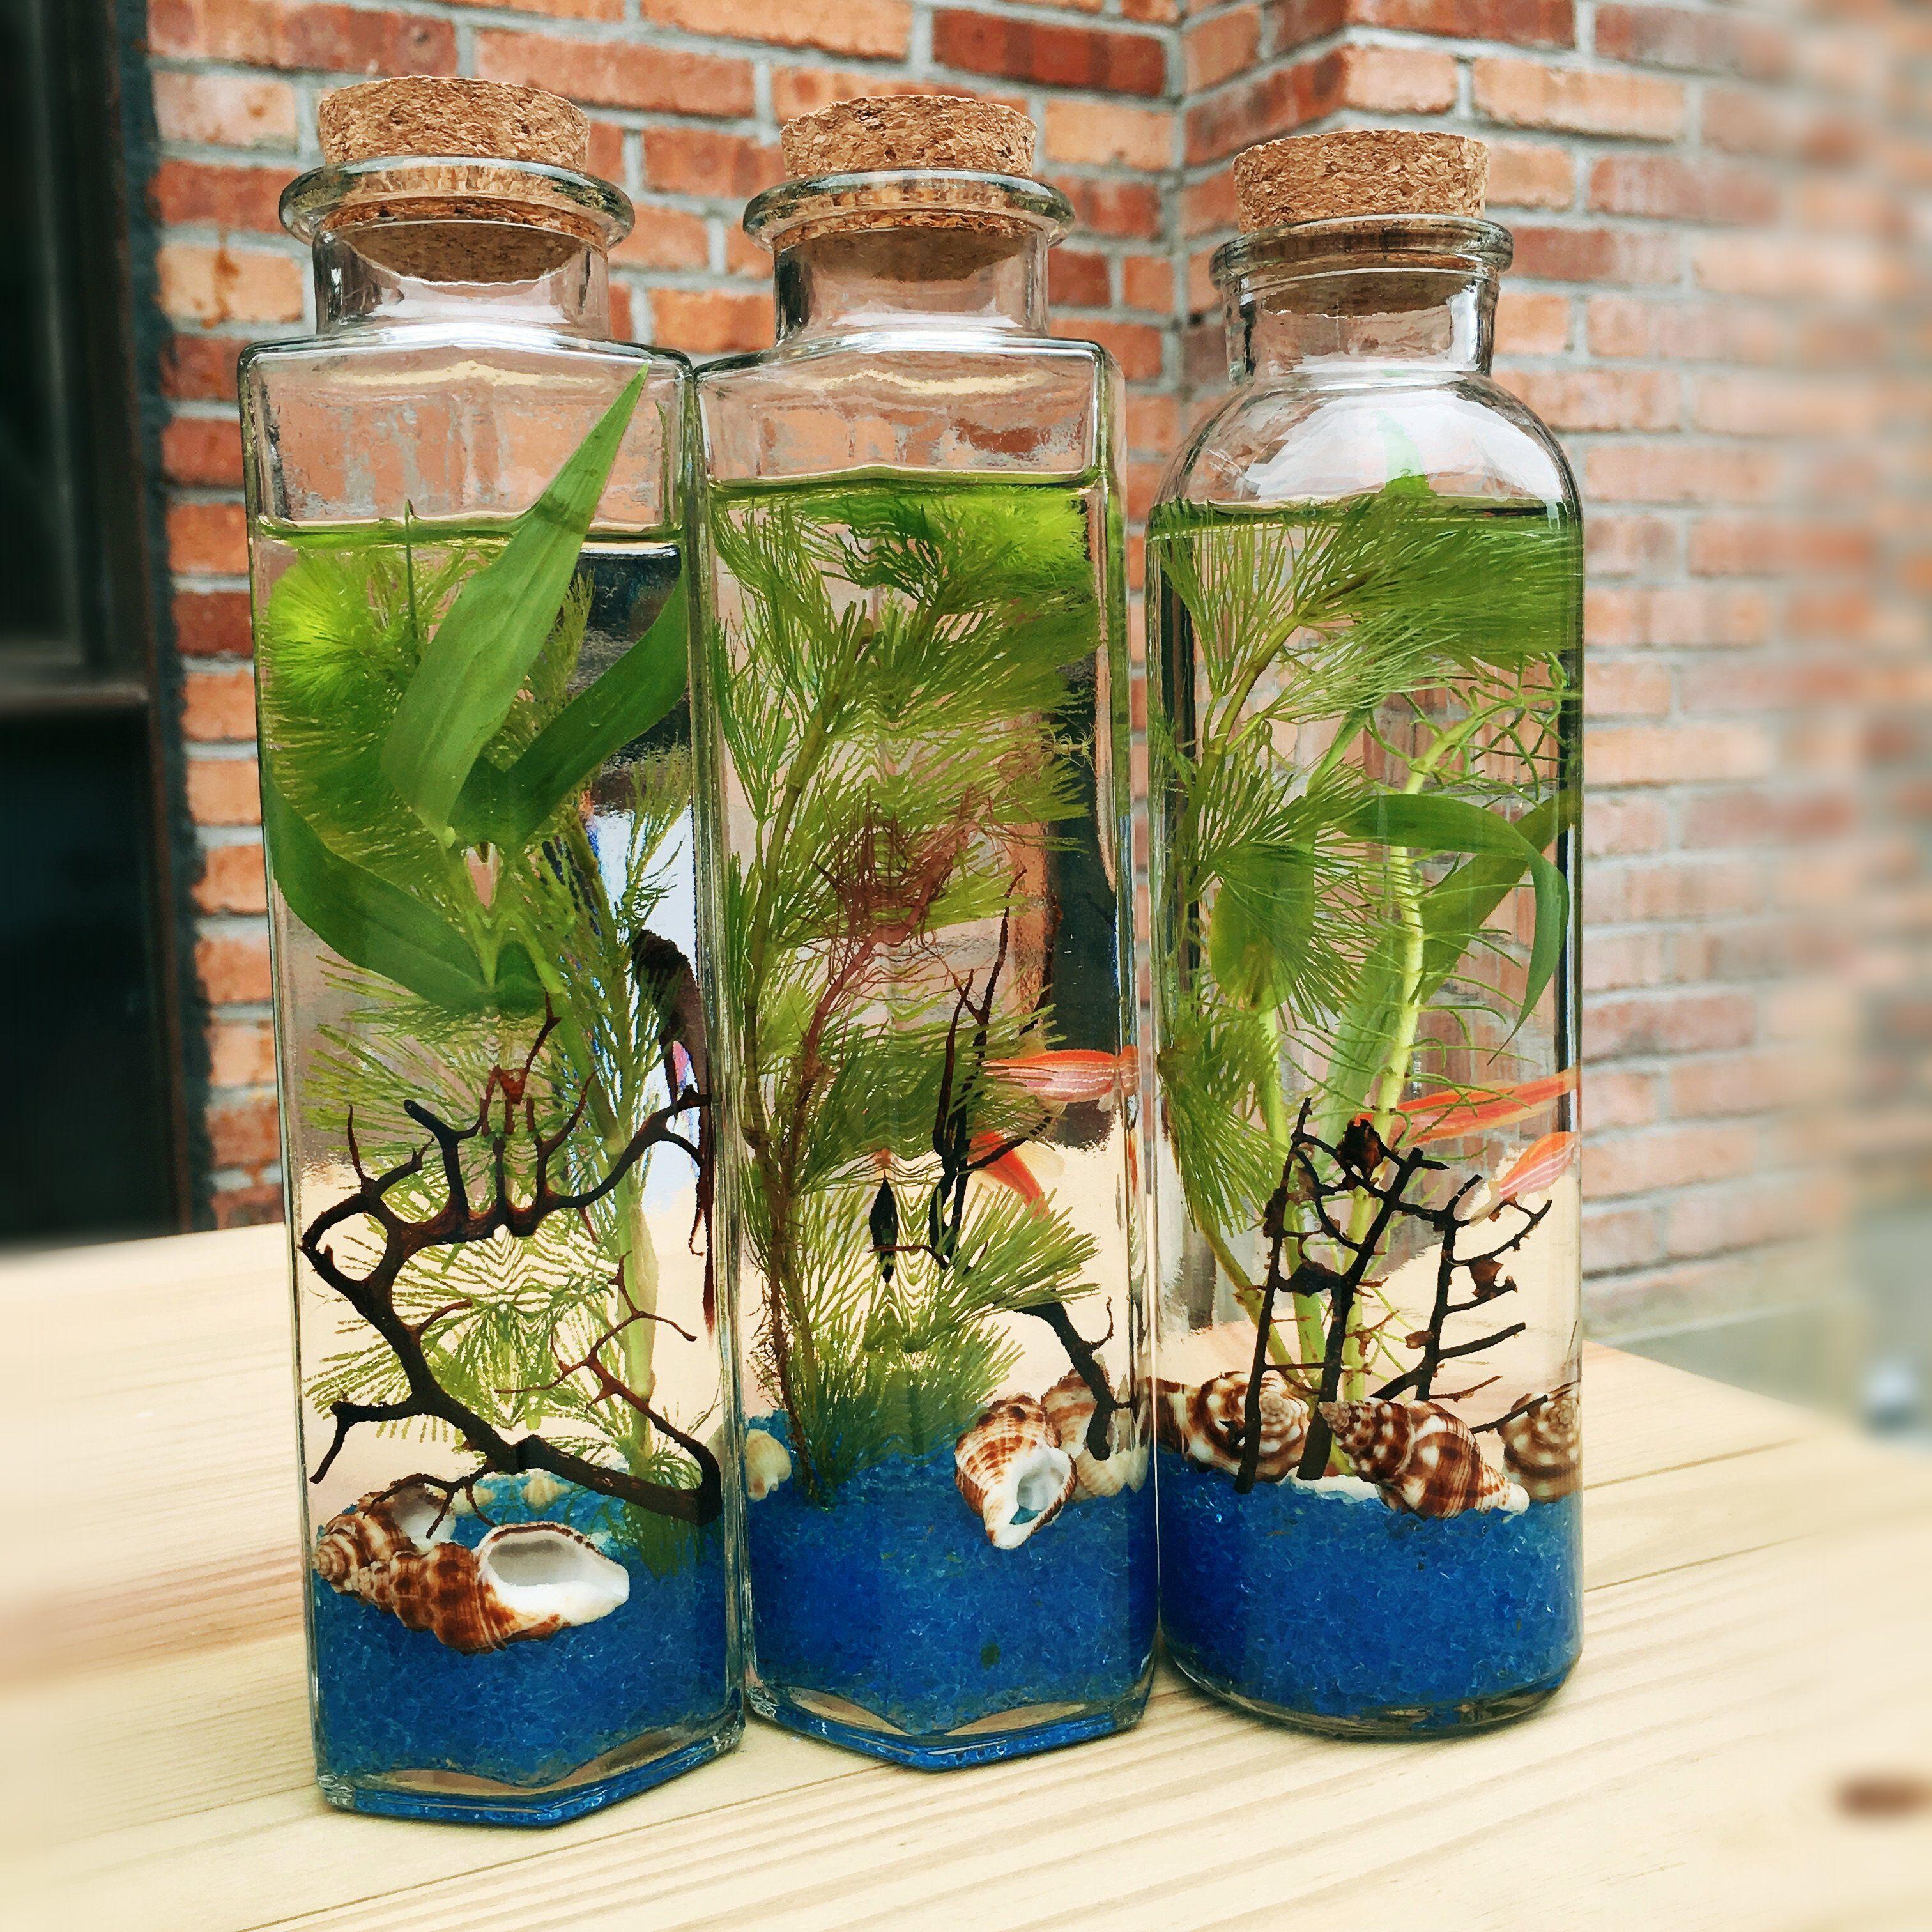 斑马鱼活体生态瓶鱼微景观免换水办公室宠物观赏鱼玻璃鱼缸造景